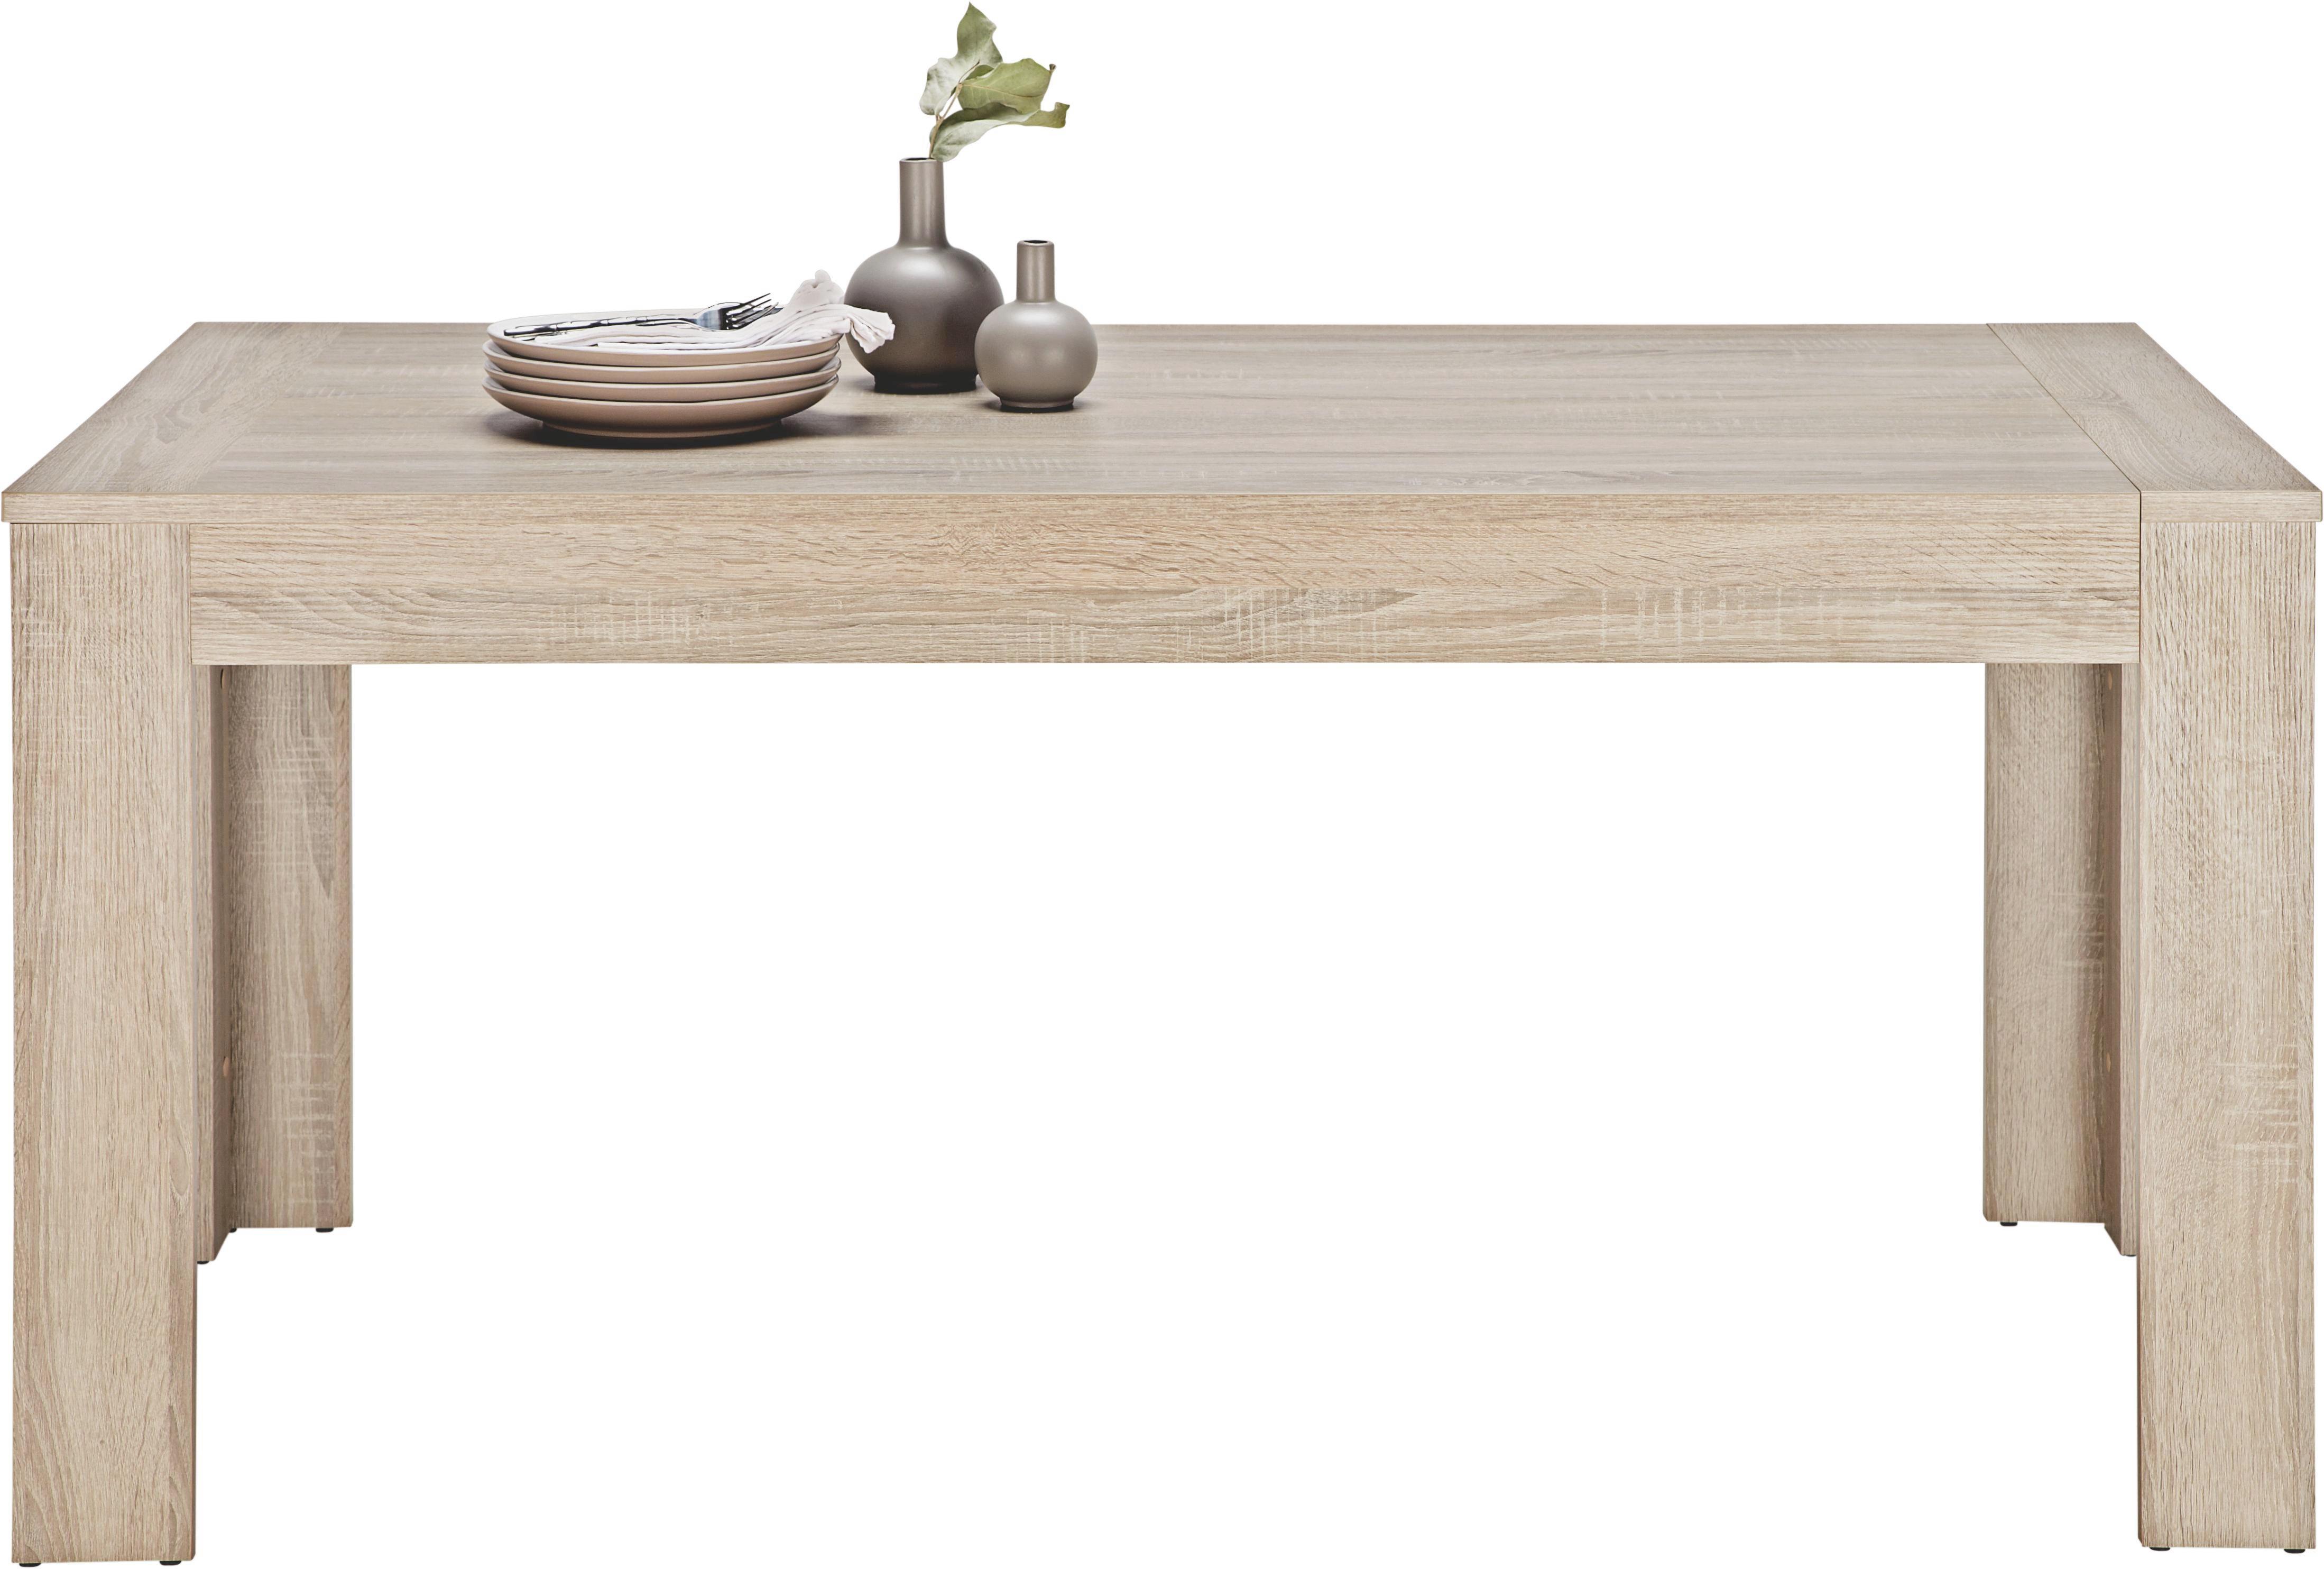 kuhle dekoration esstisch holz modern ausziehbar, eiche tisch kaufen. interesting nett eichentisch massiv eiche tisch, Innenarchitektur